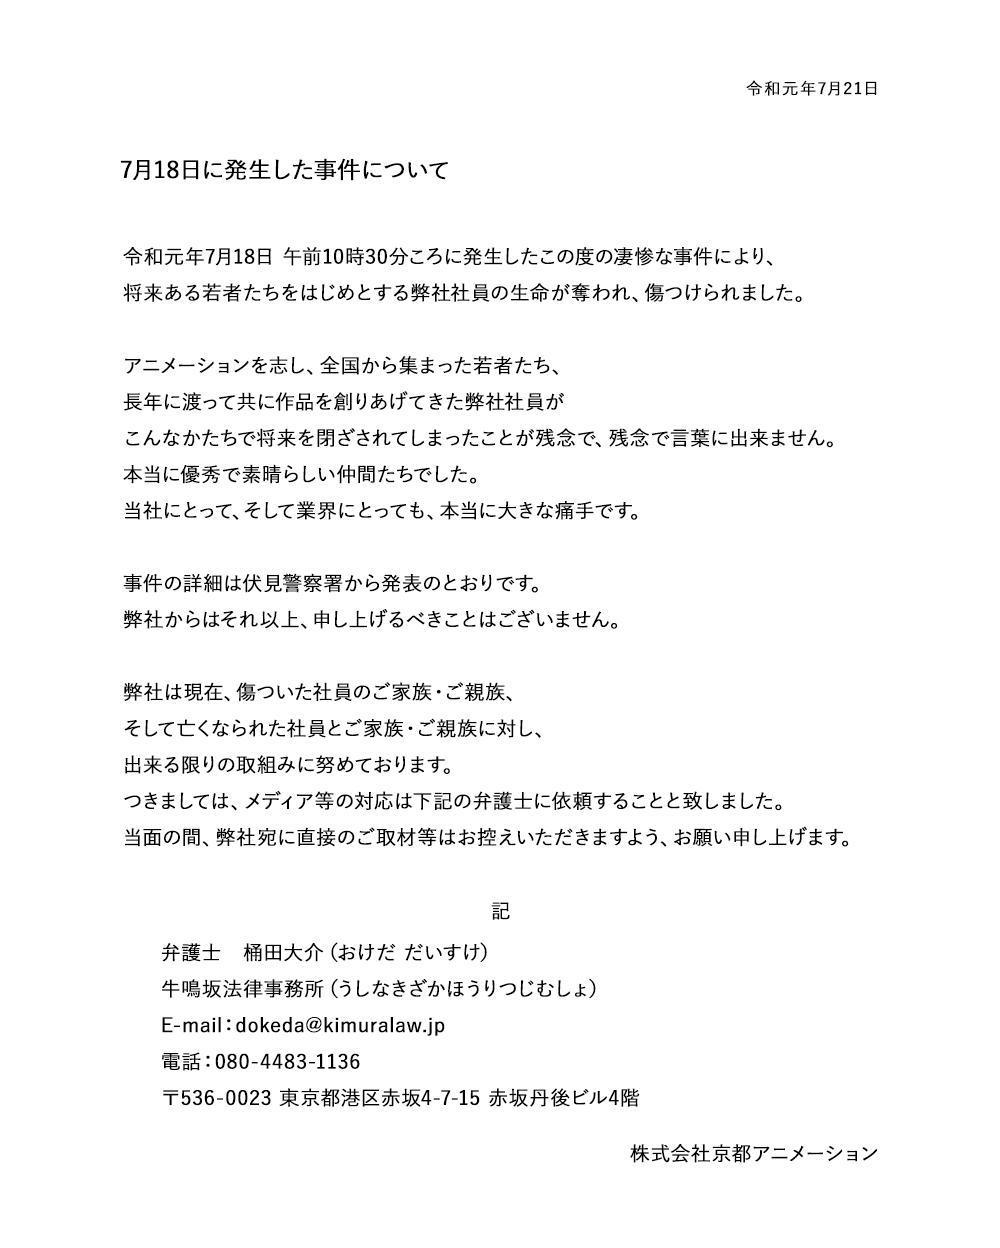 京都动画第1工作室火灾事件后续报道 京都动画 ACG资讯 第2张